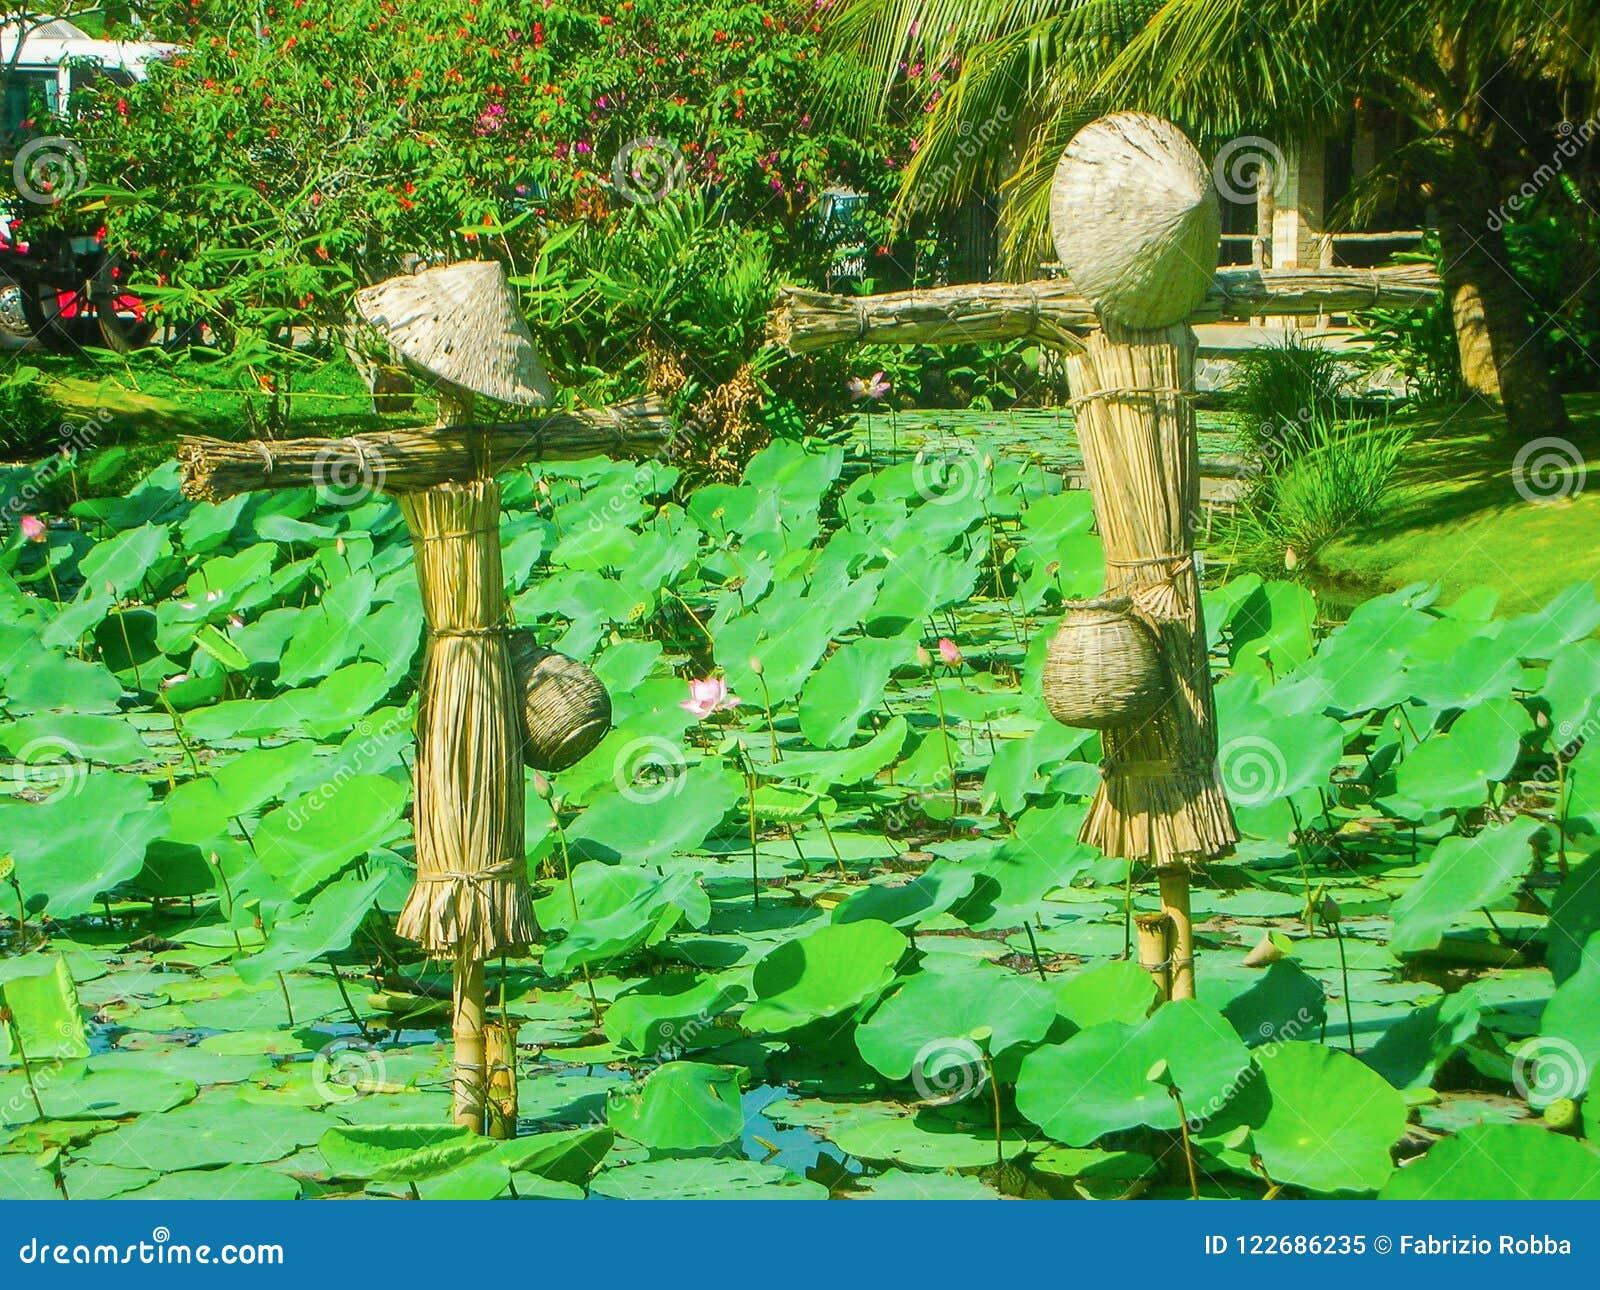 Vietnam scarecrow with lotus flowers vietnam stock image image of vietnam scarecrow with lotus flowers vietnam izmirmasajfo